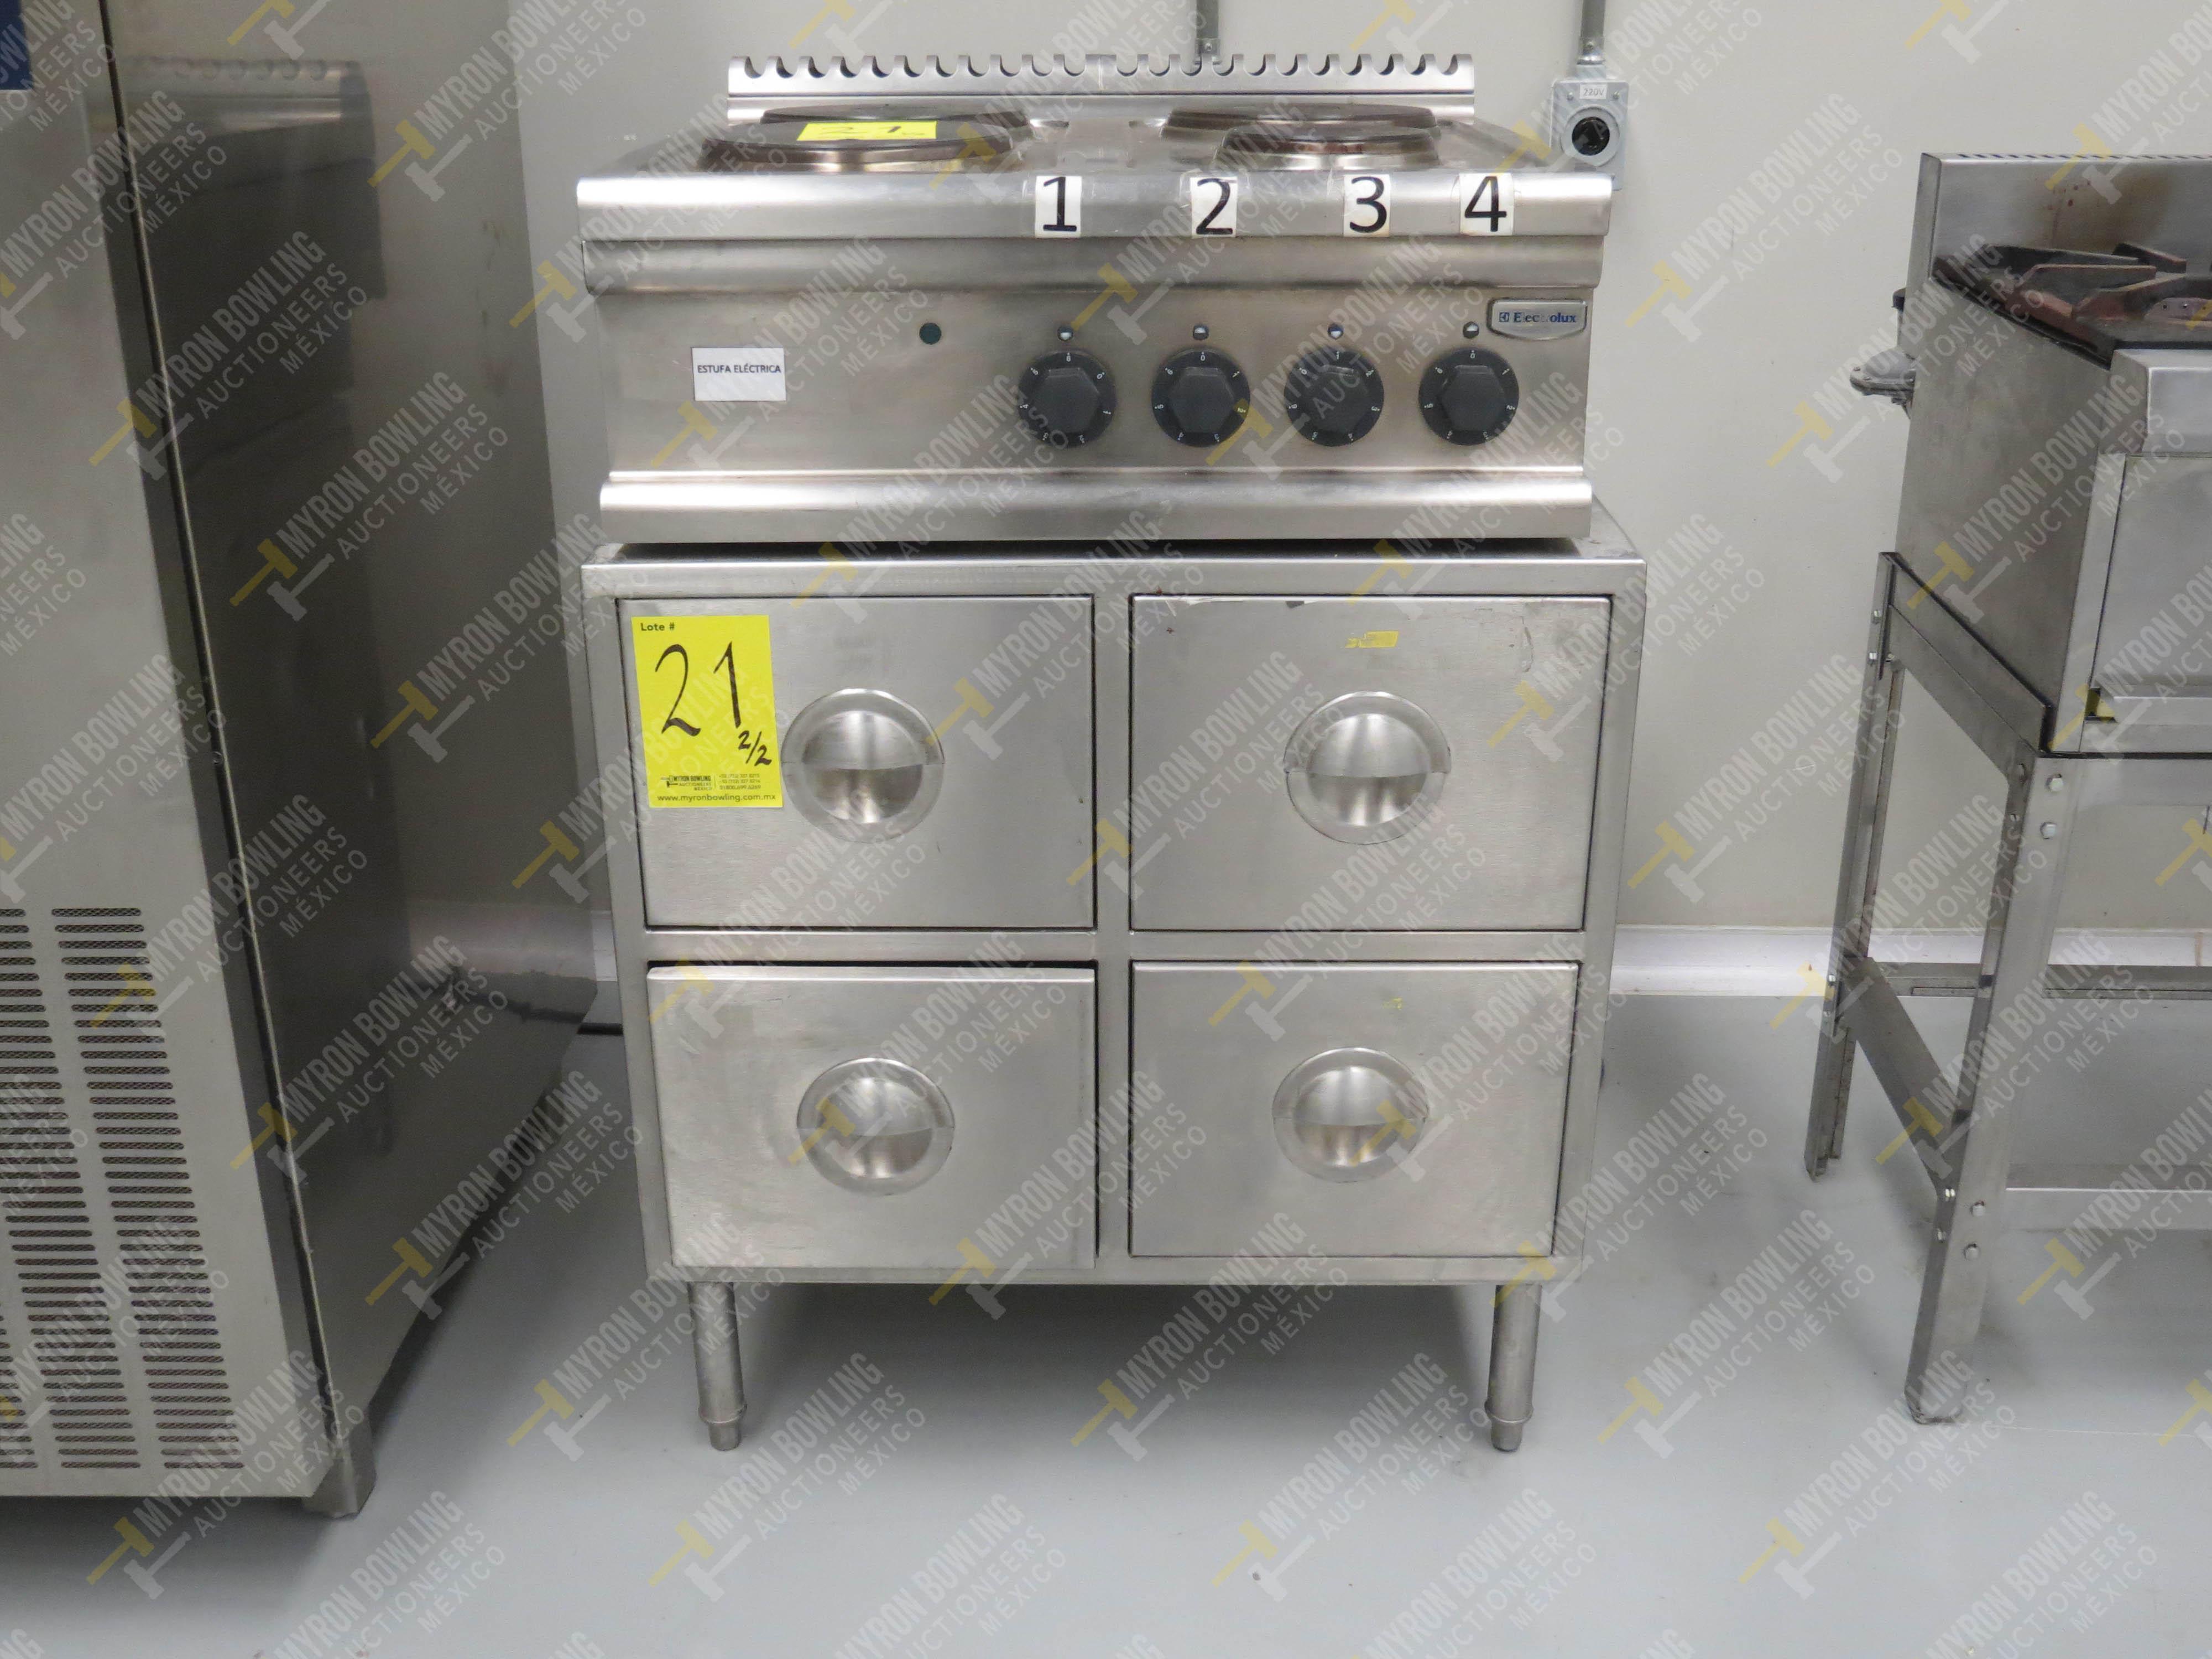 Estufa eléctrica de cuatro quemadores marca Electrolux de medidas 70 x 70 x 30 cm, … - Image 2 of 6